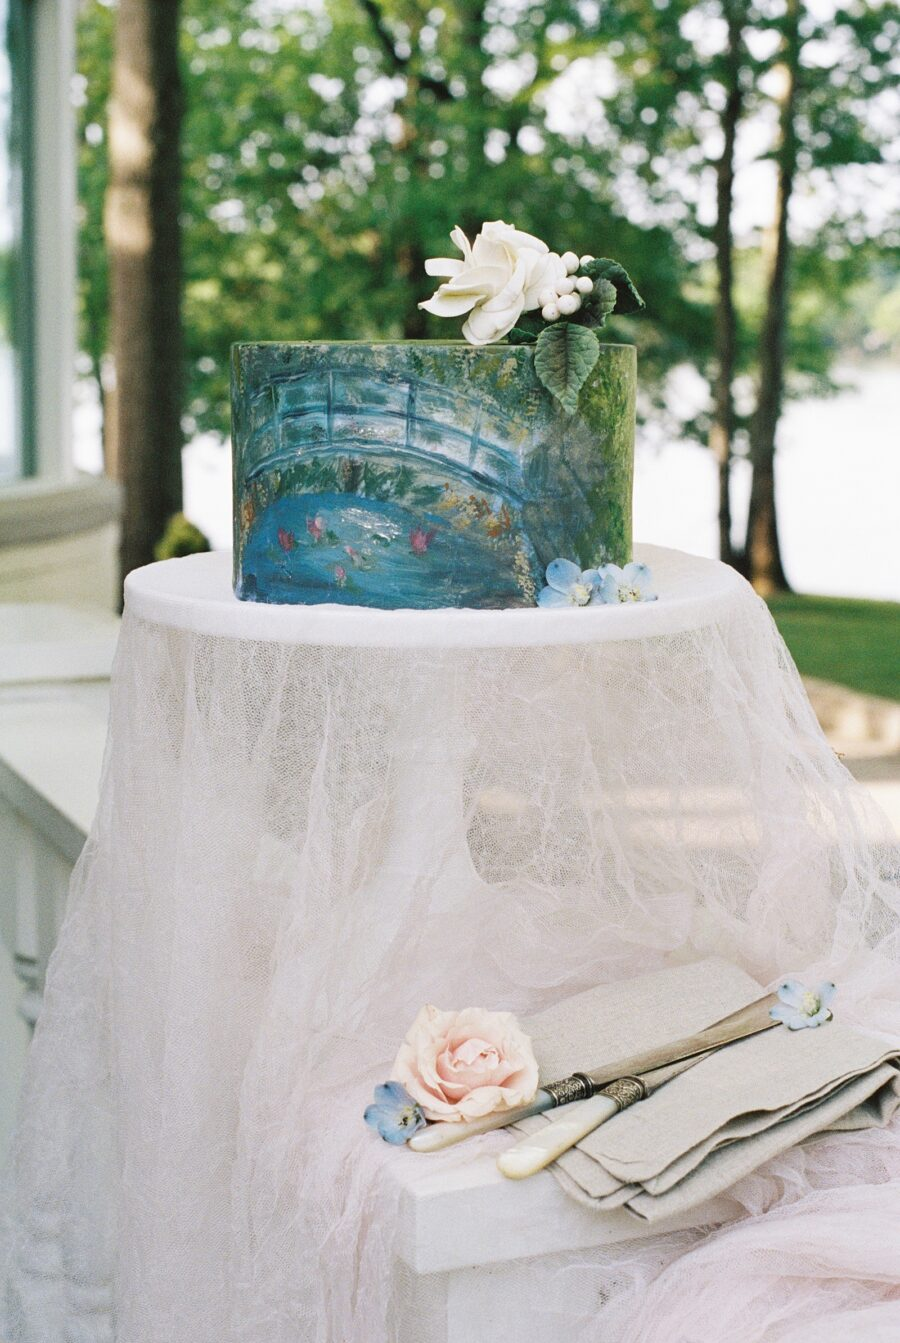 Monet Inspired Wedding Cake | Nashville Bride Guide